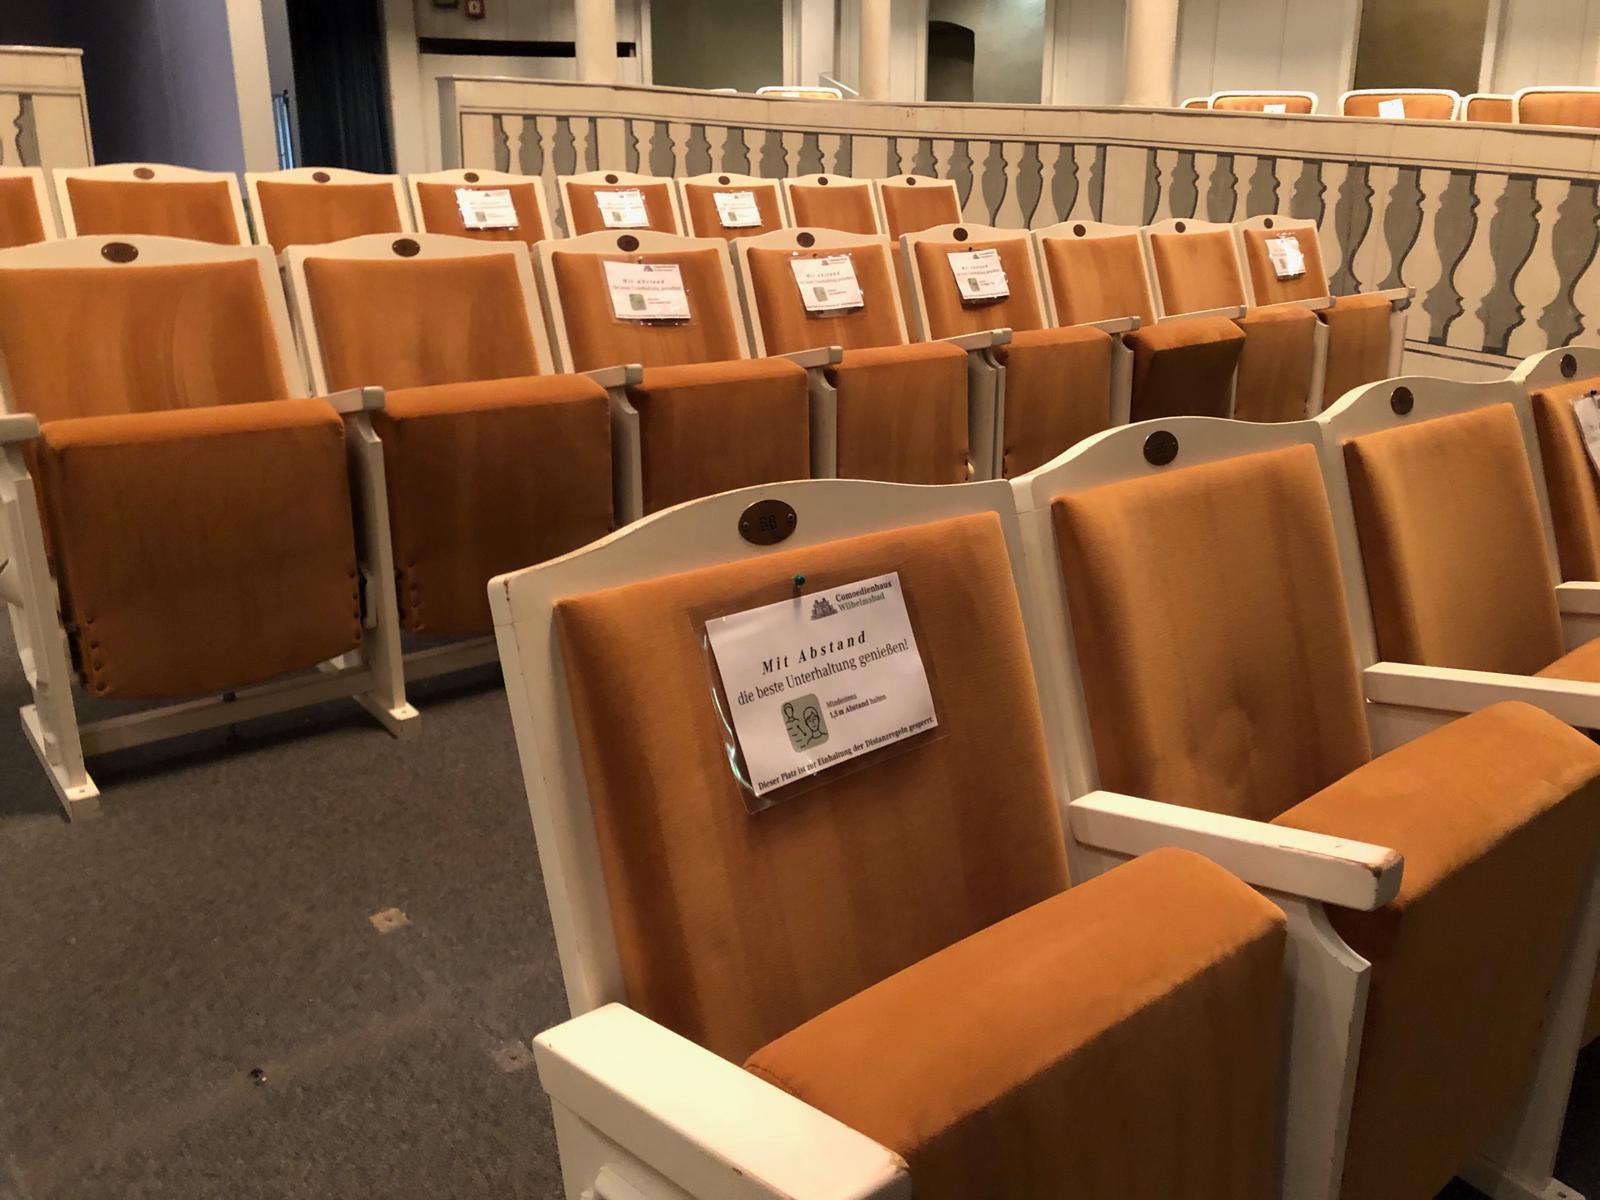 Abstandshalter innerhalb der Sitzreihe